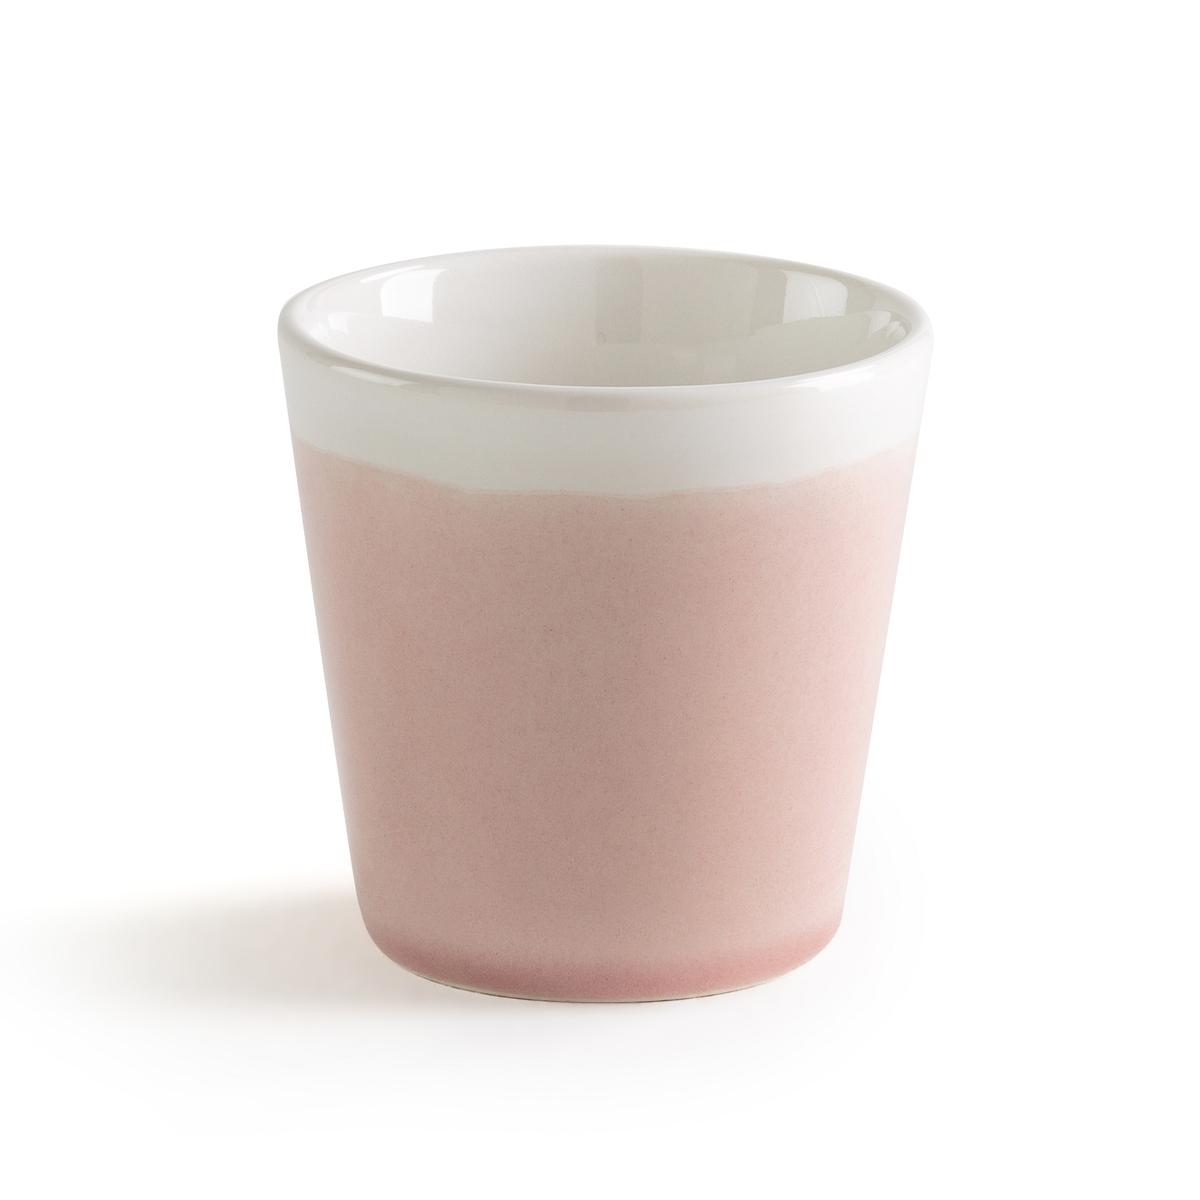 Чашка из фаянса с эффектом трещинок GOGAIN (4 шт.)Описание:4 двухцветные чашки La Redoute Interieurs с эффектом трещинок для гармоничной и душевной композиции стола. Контрастные дно и краяХарактеристики 4 чашек •  Двухцветный фаянс с эффектом трещинок, серия gogain •  Подходит для мытья в посудомоечной машинеРазмеры 4 чашек: •  Диаметр: 7,5 см  •  Высота : 7,5 см   •  Объем: 150 млВсю коллекцию столового декора вы найдете на сайте laredoute.<br><br>Цвет: зеленый,розовый,серо-синий